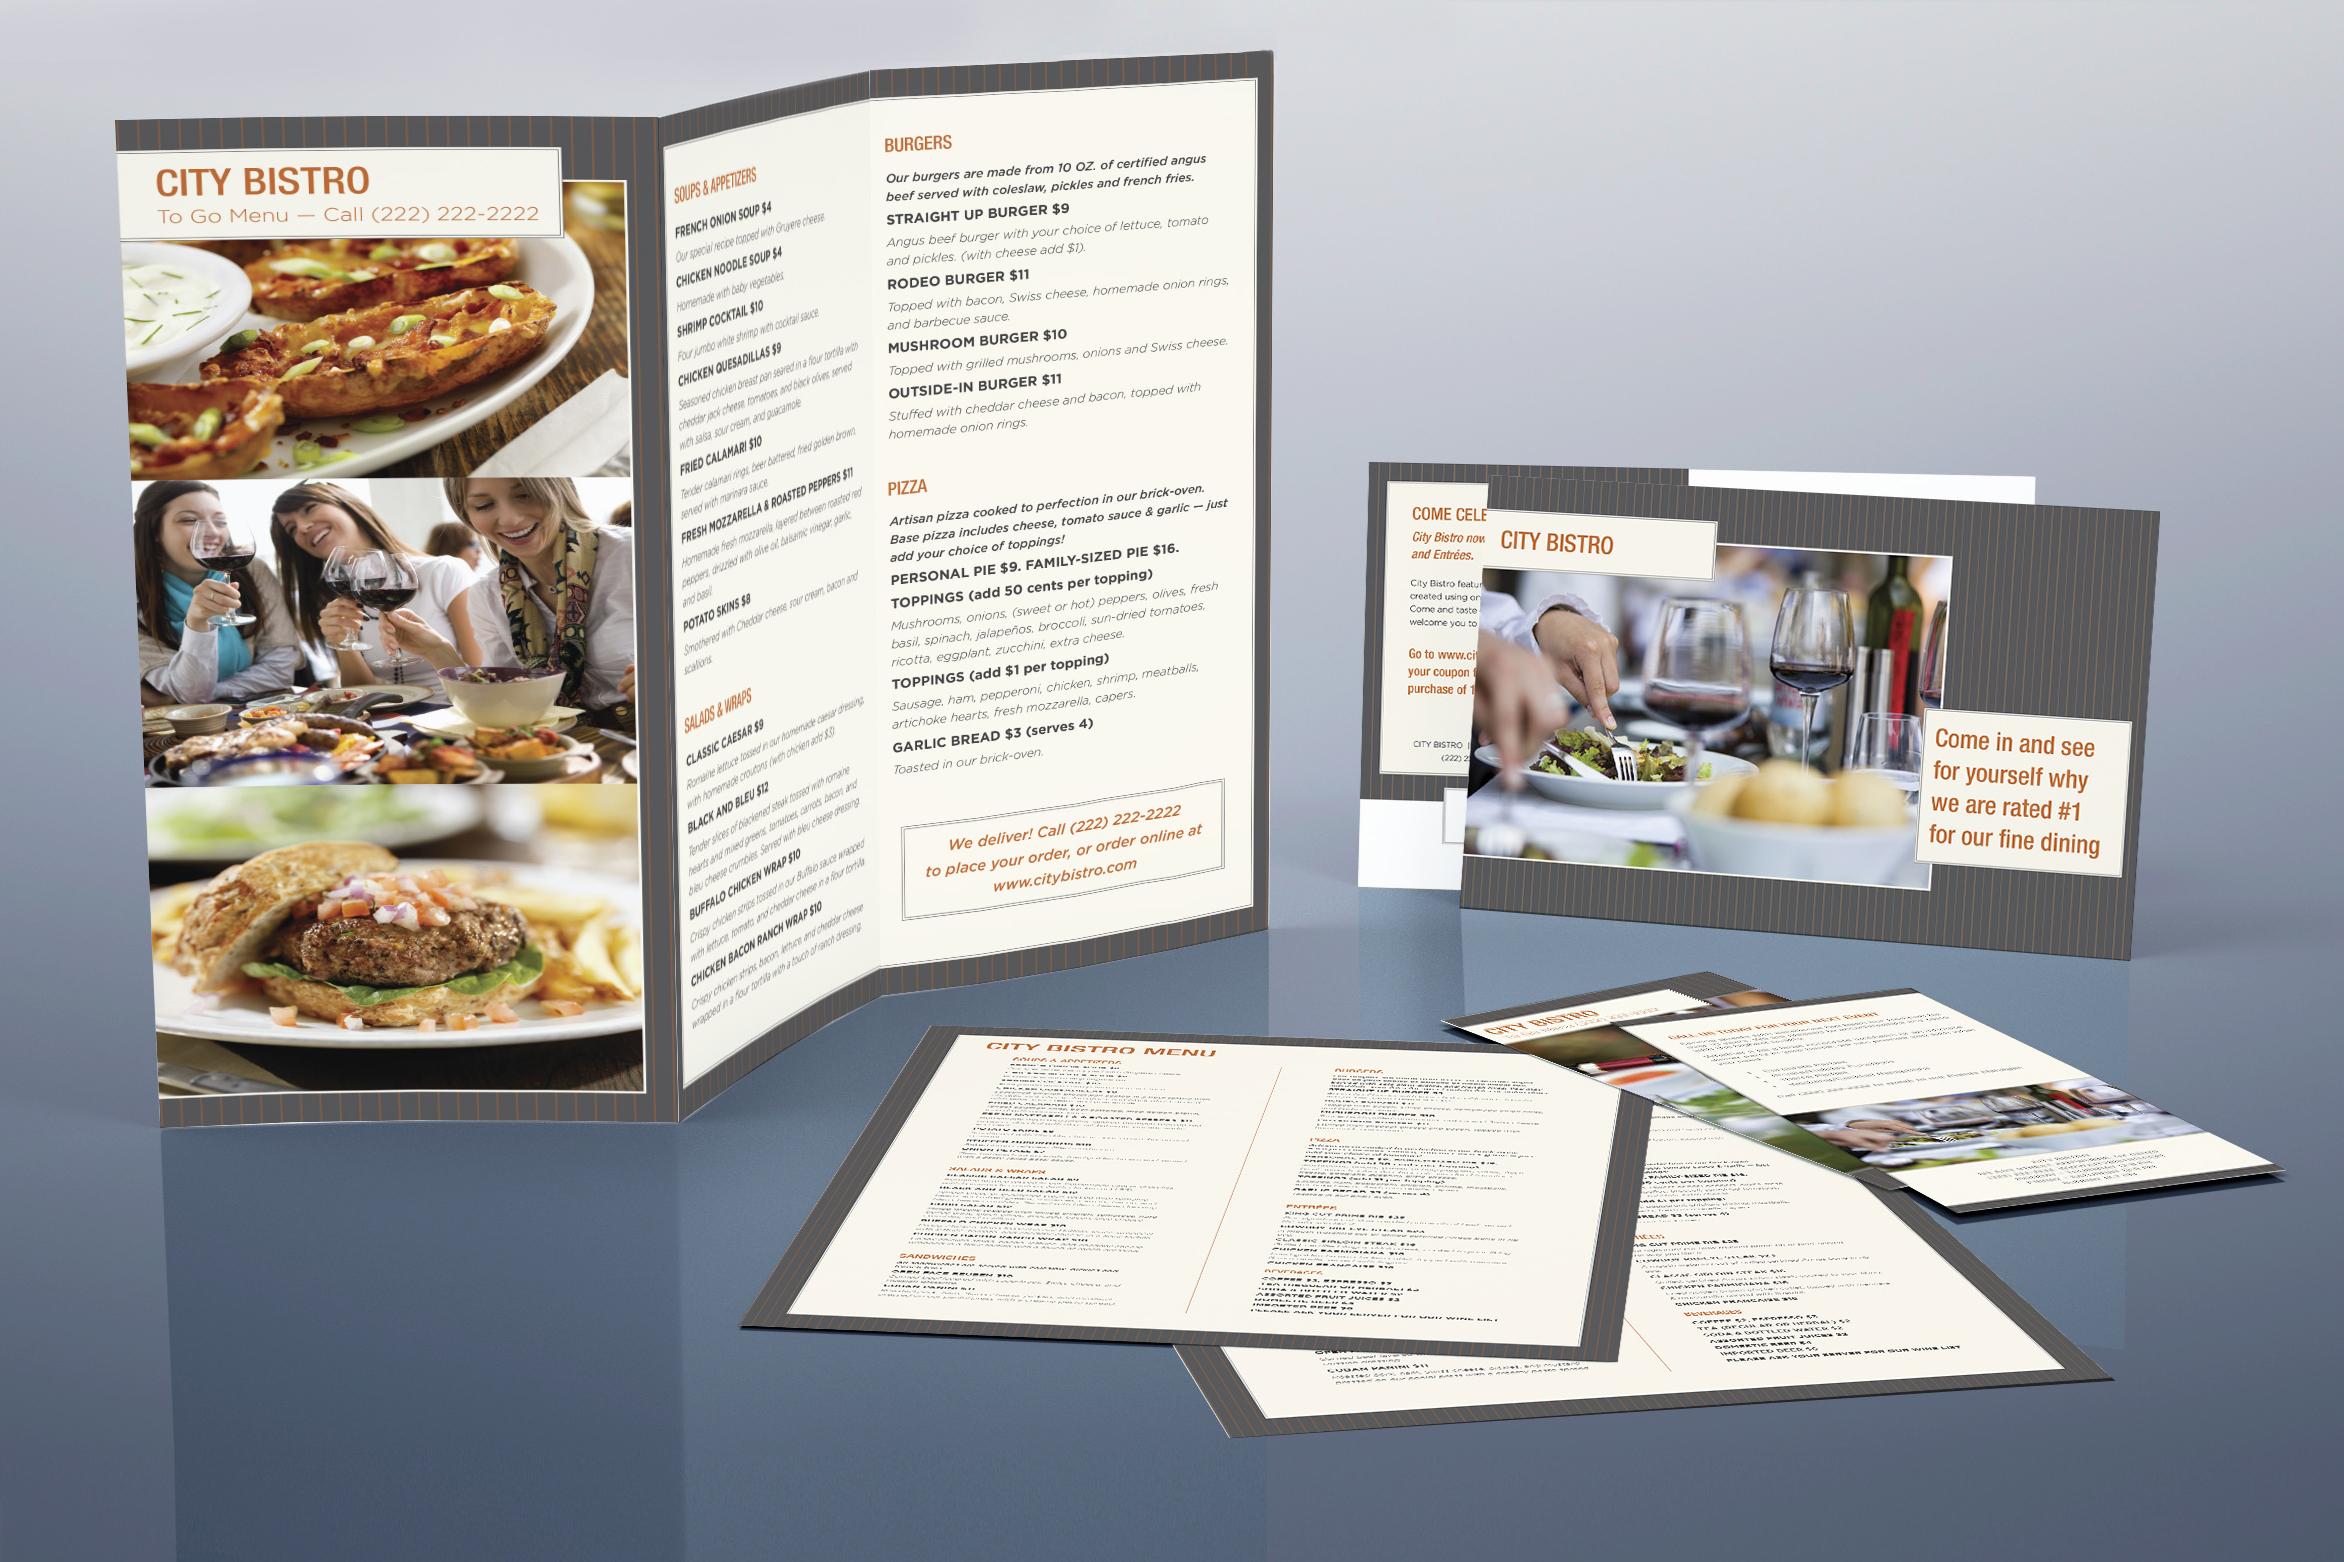 Restaurant-Collage